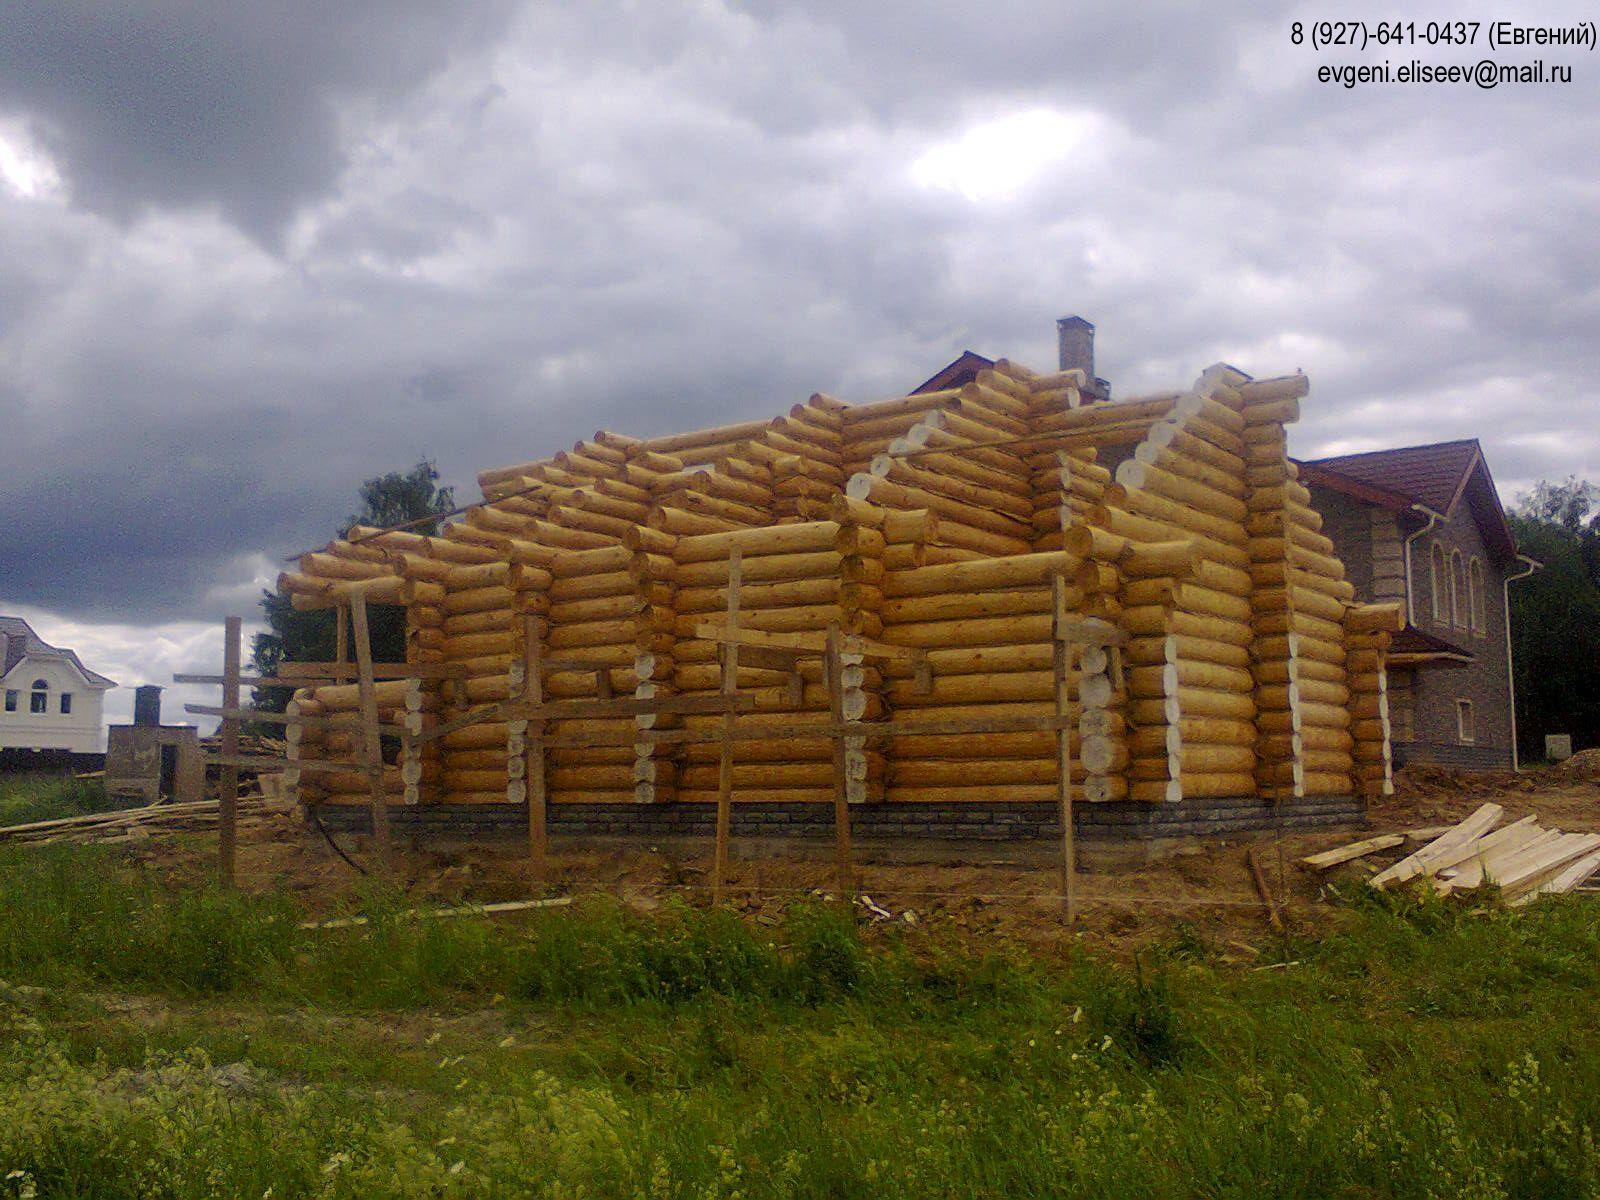 Большой заказ из Московской области